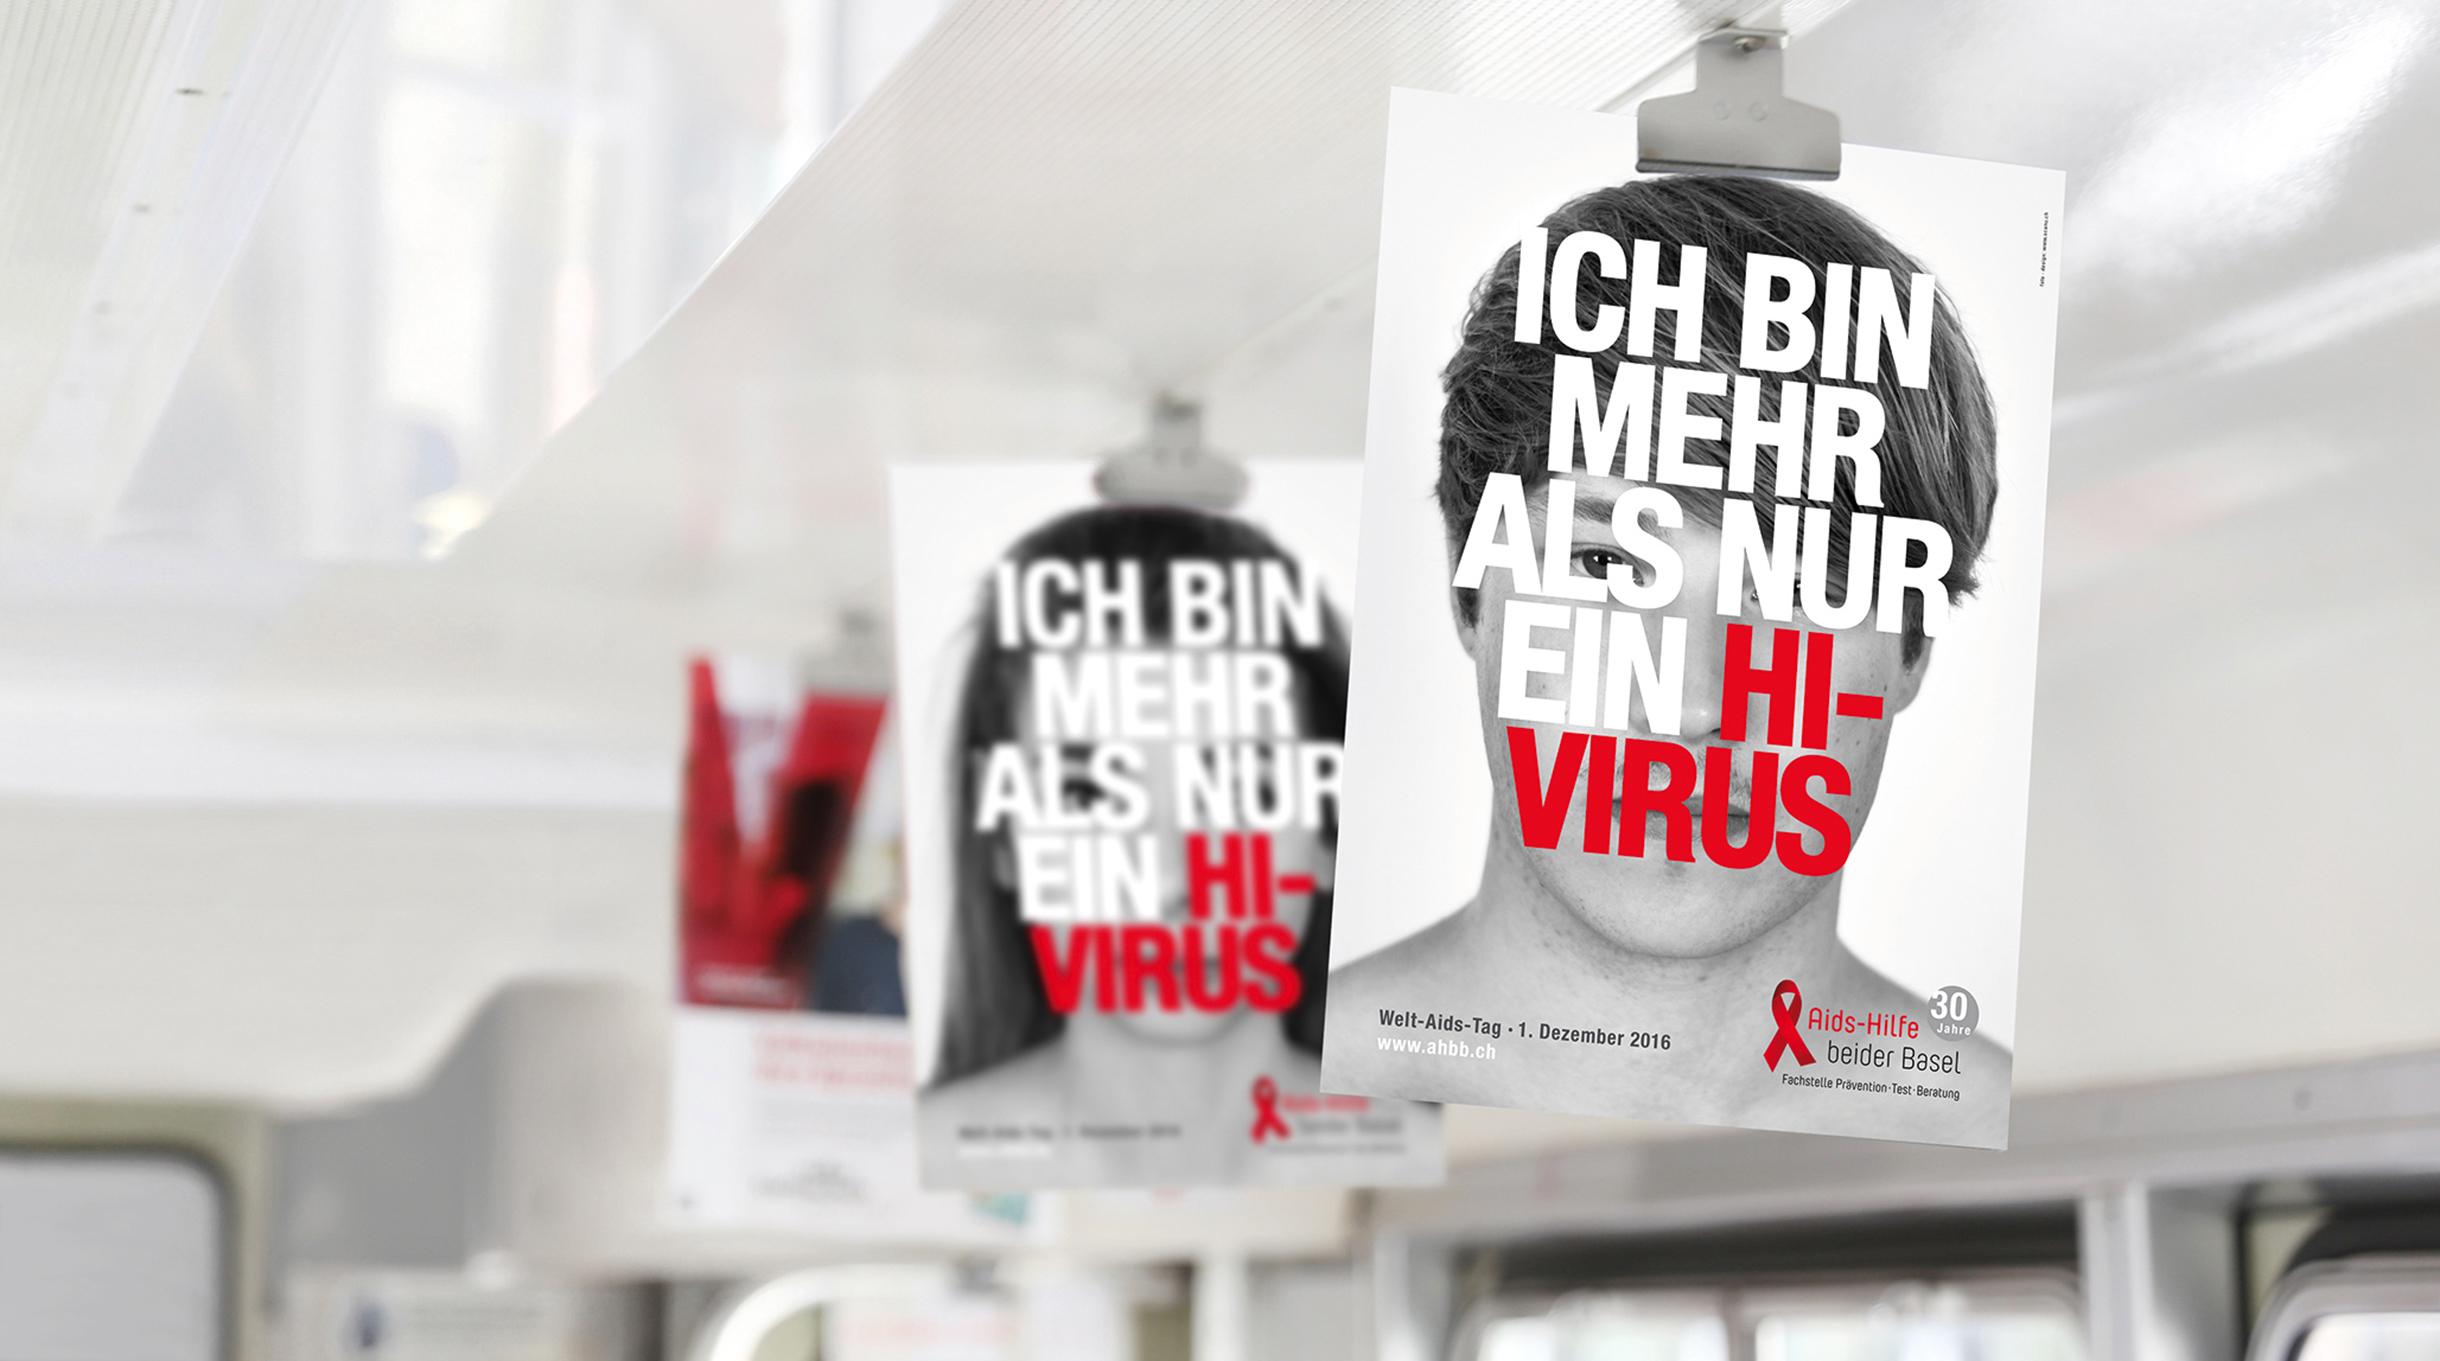 «Ich bin mehr als nur ein HI-Virus» - die Solidaritätskampagne für Aids-Hilfe beider Basel (AHbB) - scanu communications